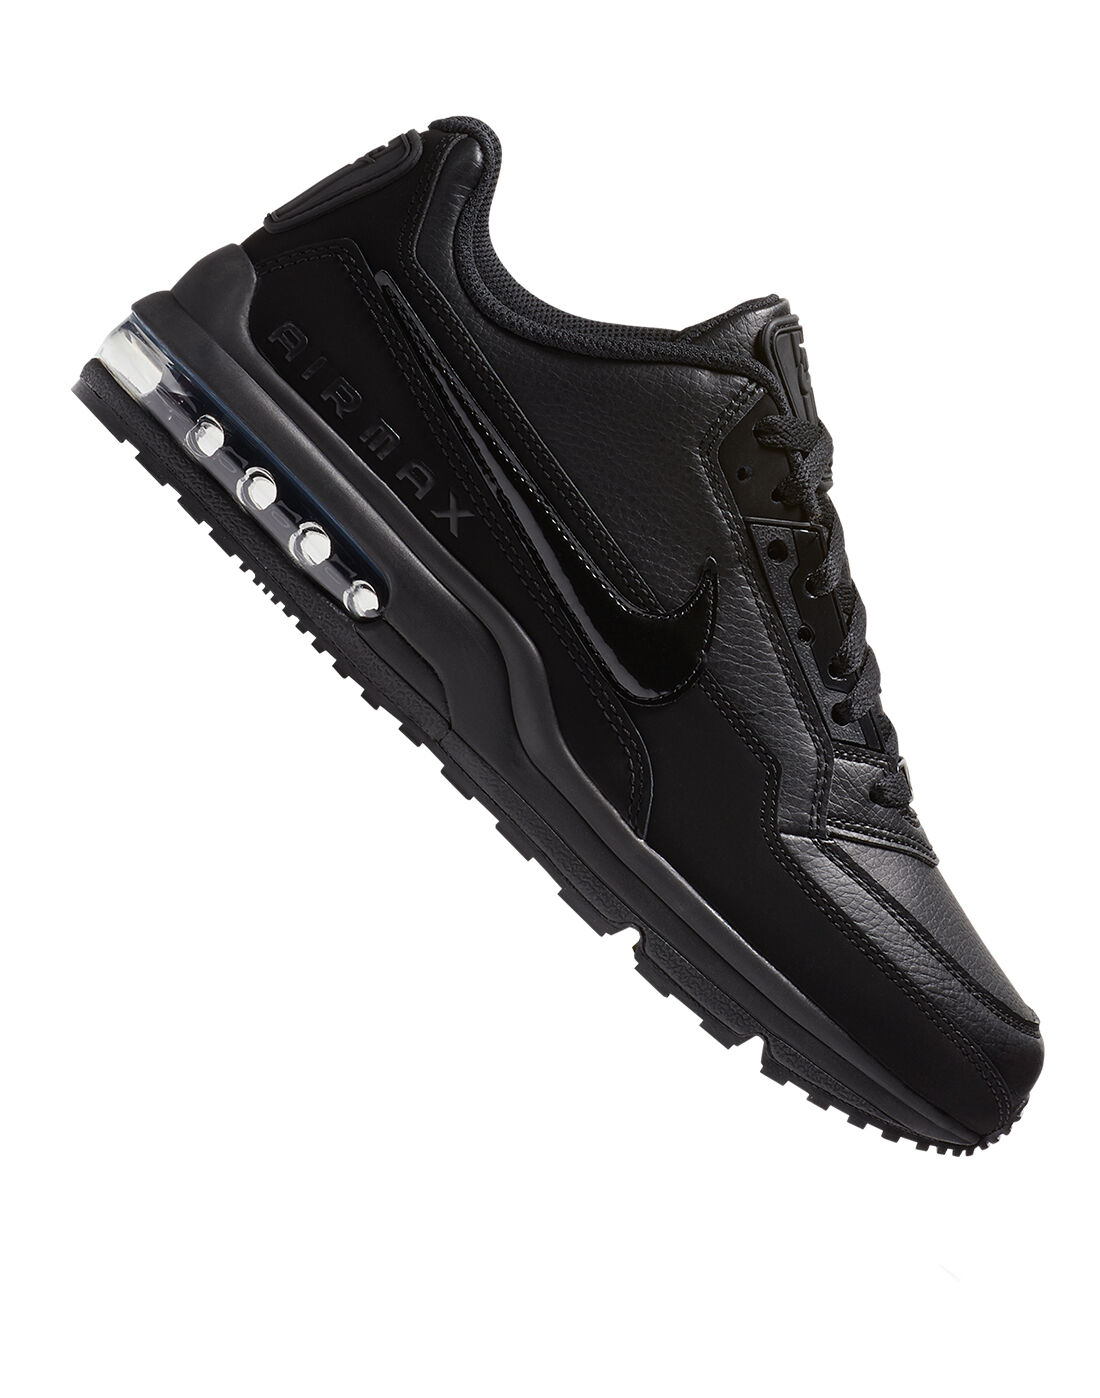 Nike Mens Air Max LTD 3